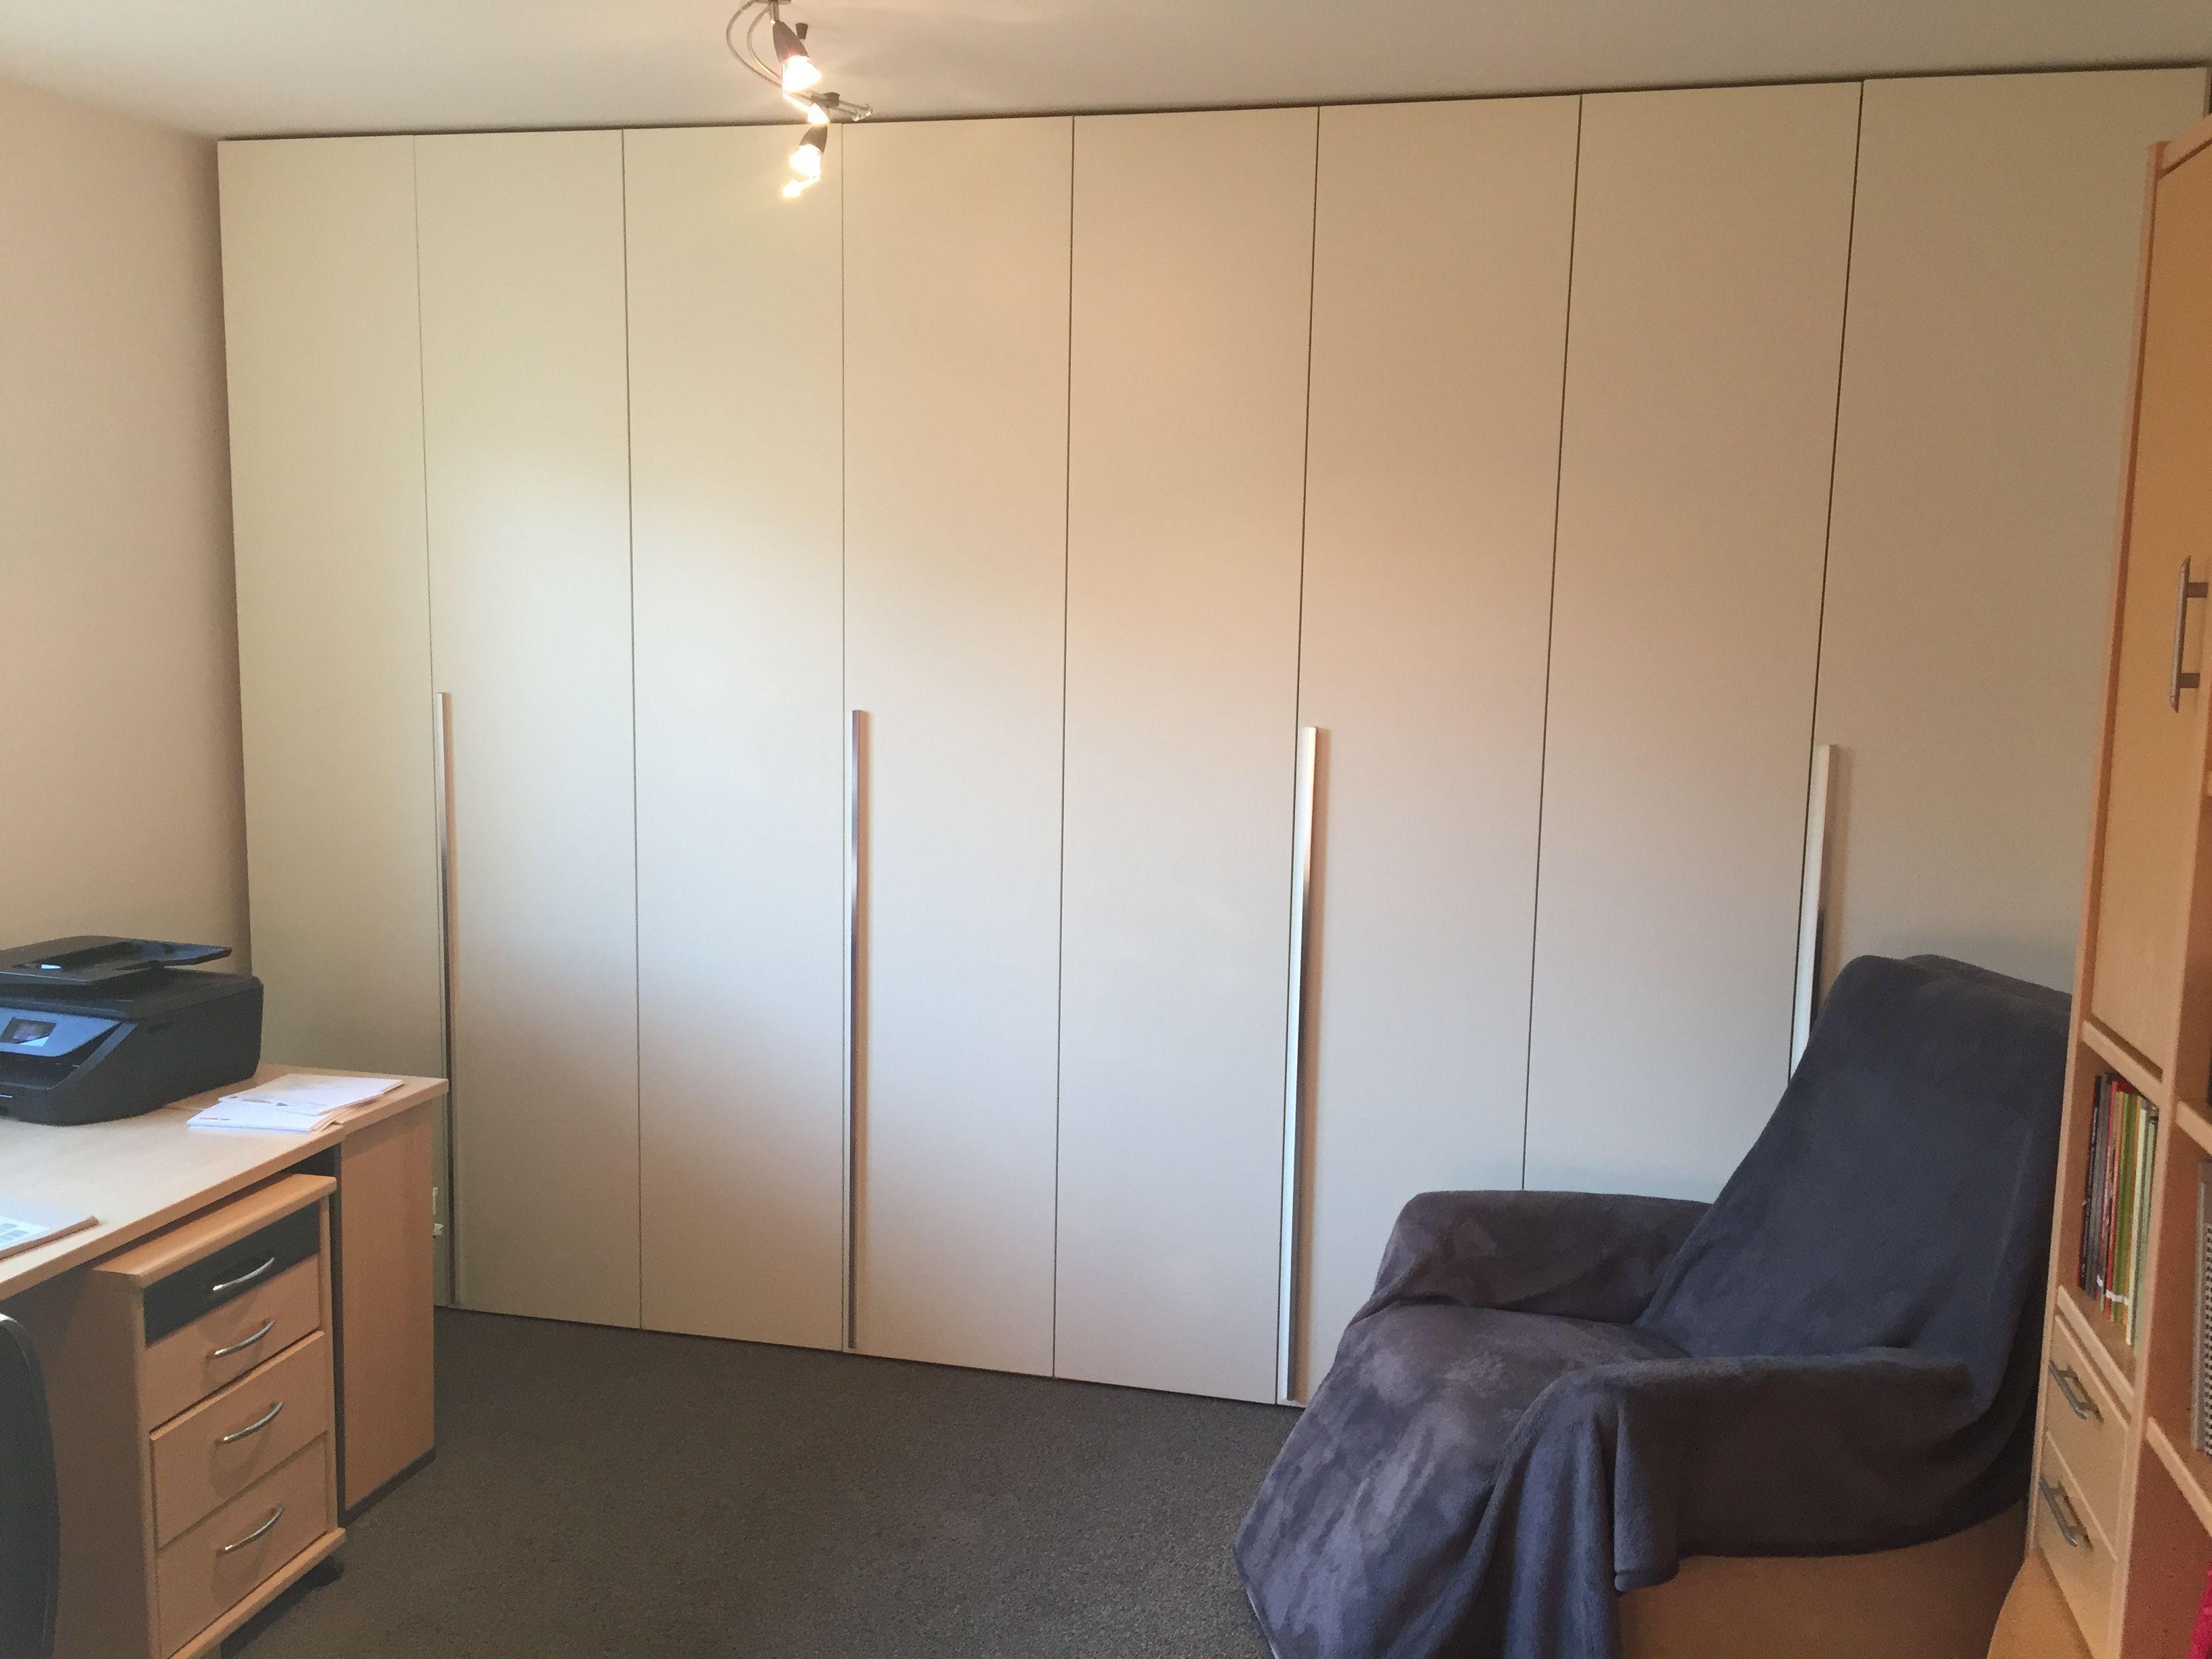 Einbauschrank Veitshöchheim 8 Türen Ral S 0505 G80y Lackiert